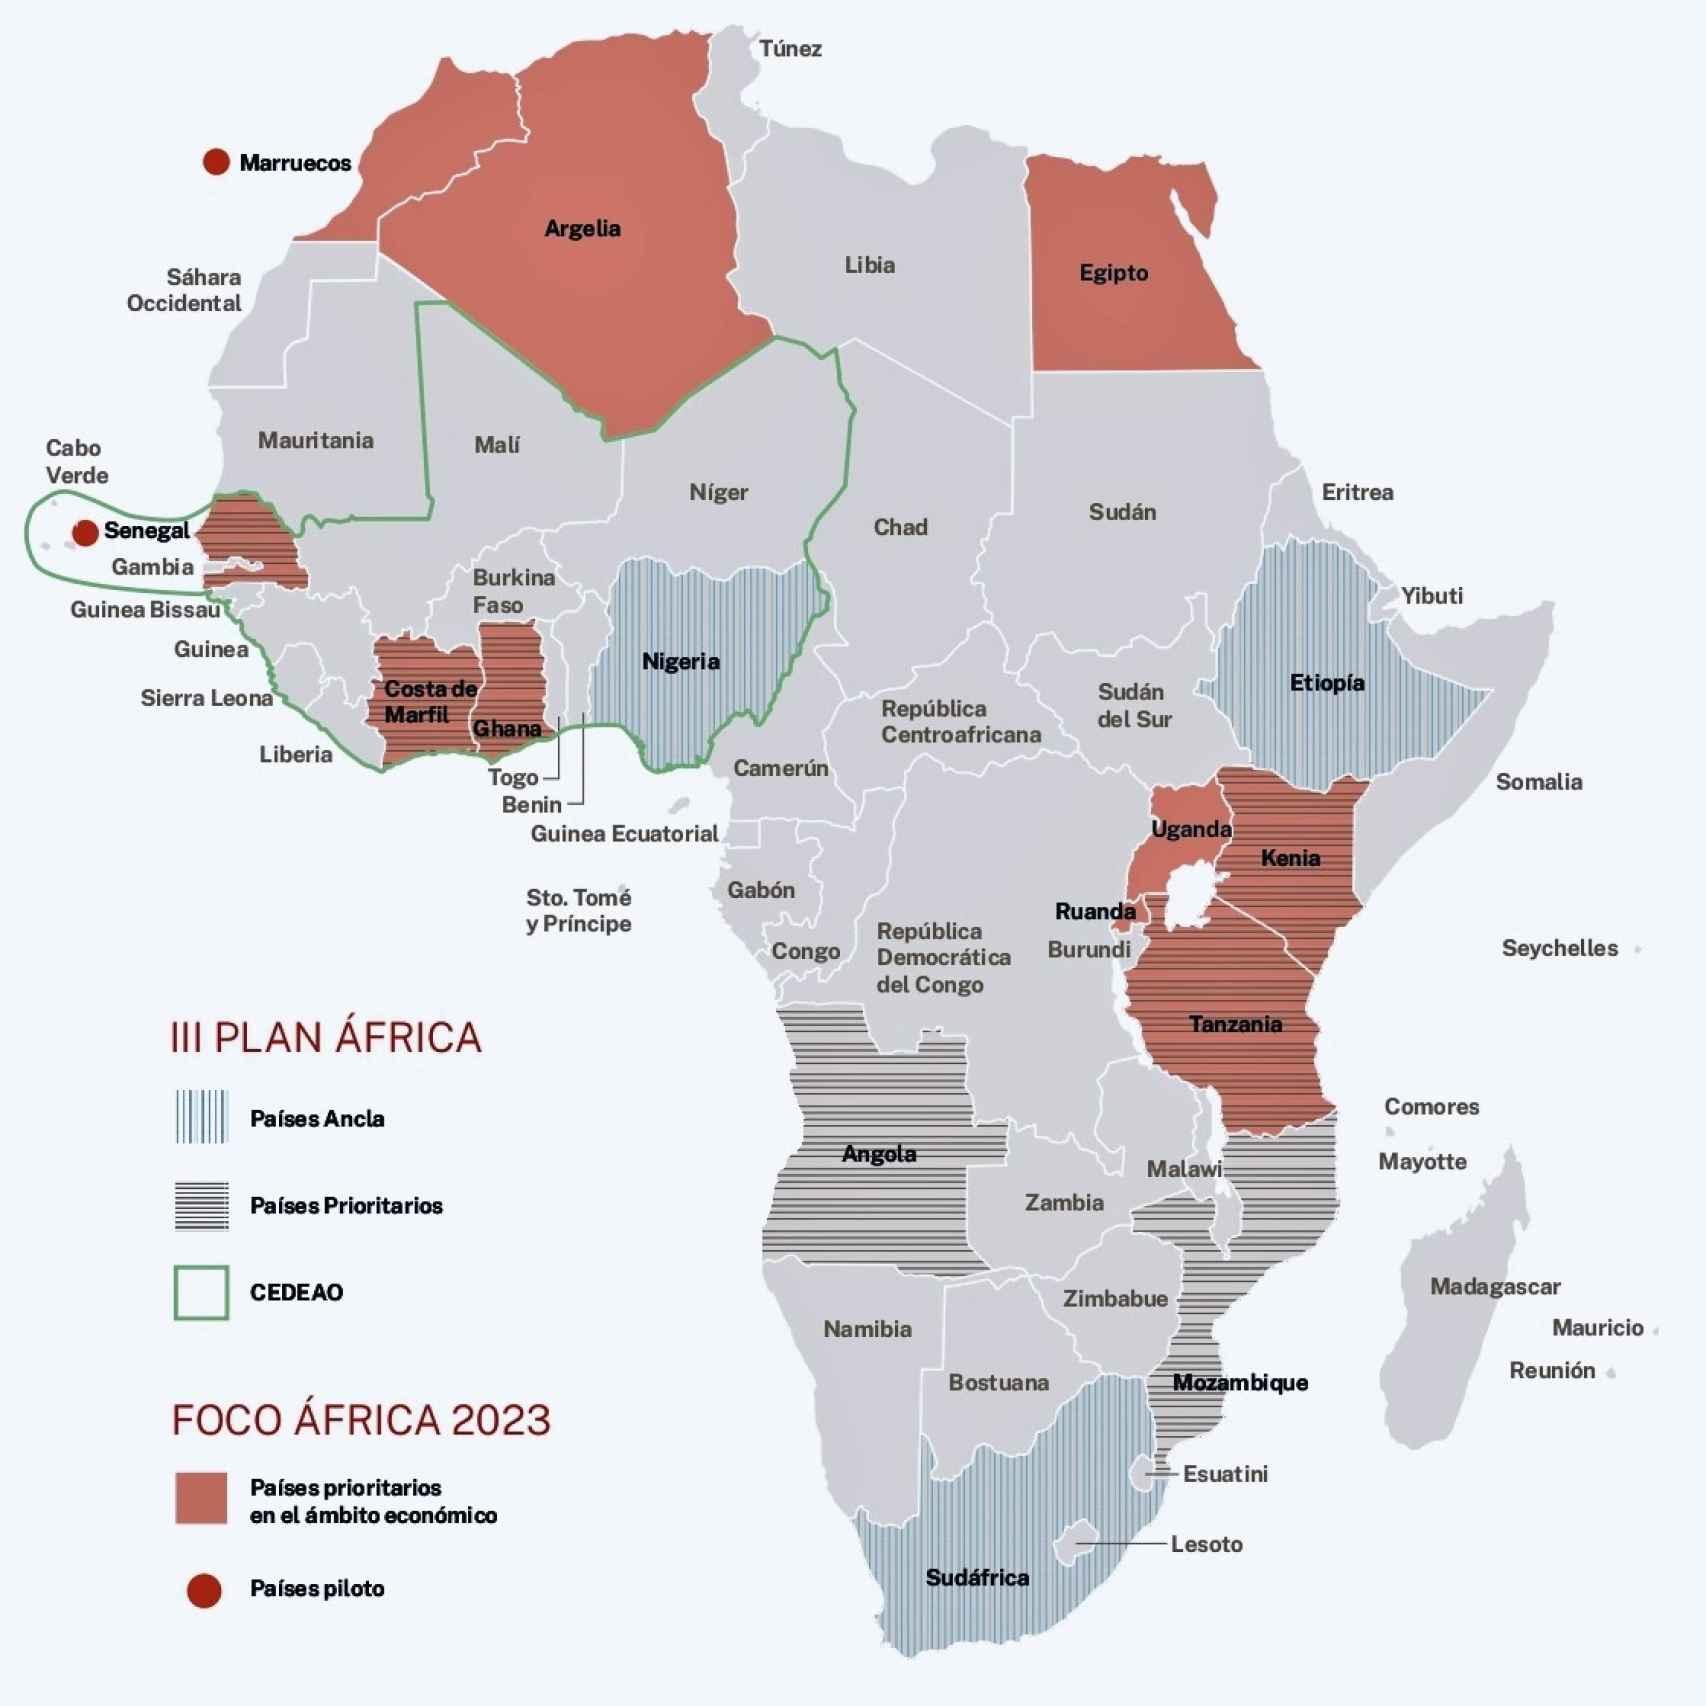 Mapa de prioridades de España en África